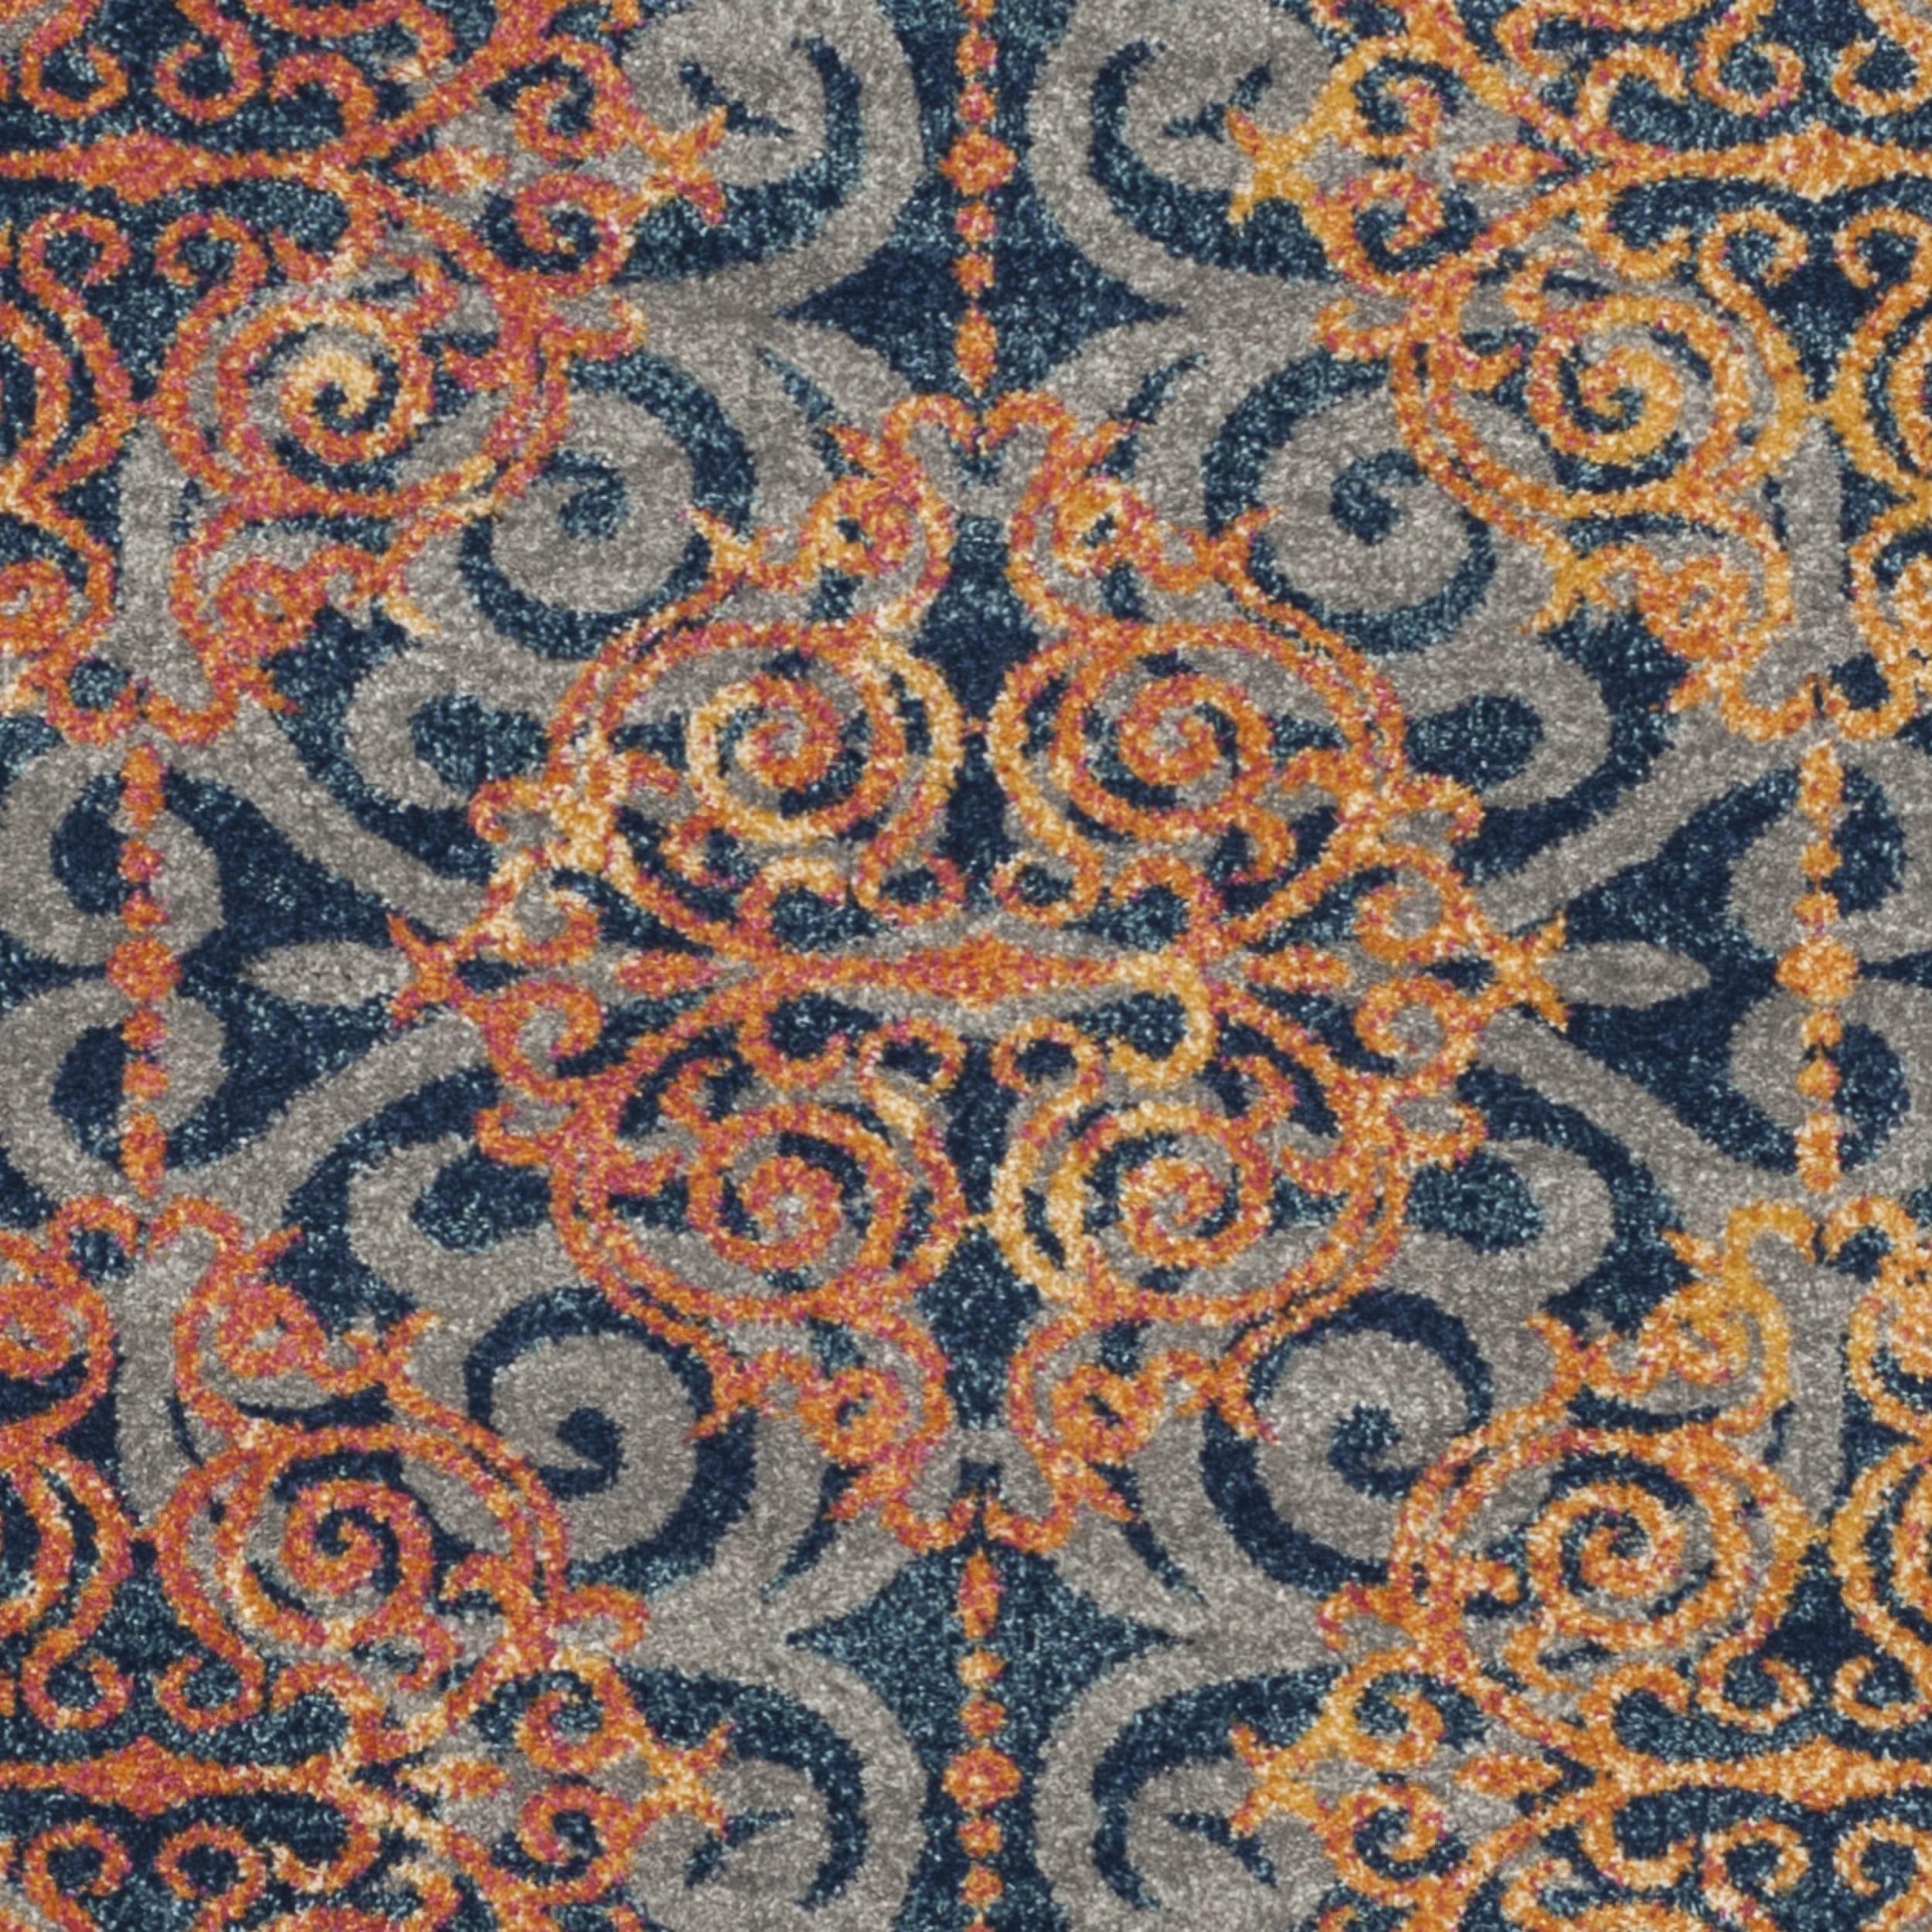 Safavieh Evoke Vintage Damask Blue Orange Distressed Rug 9 x 12